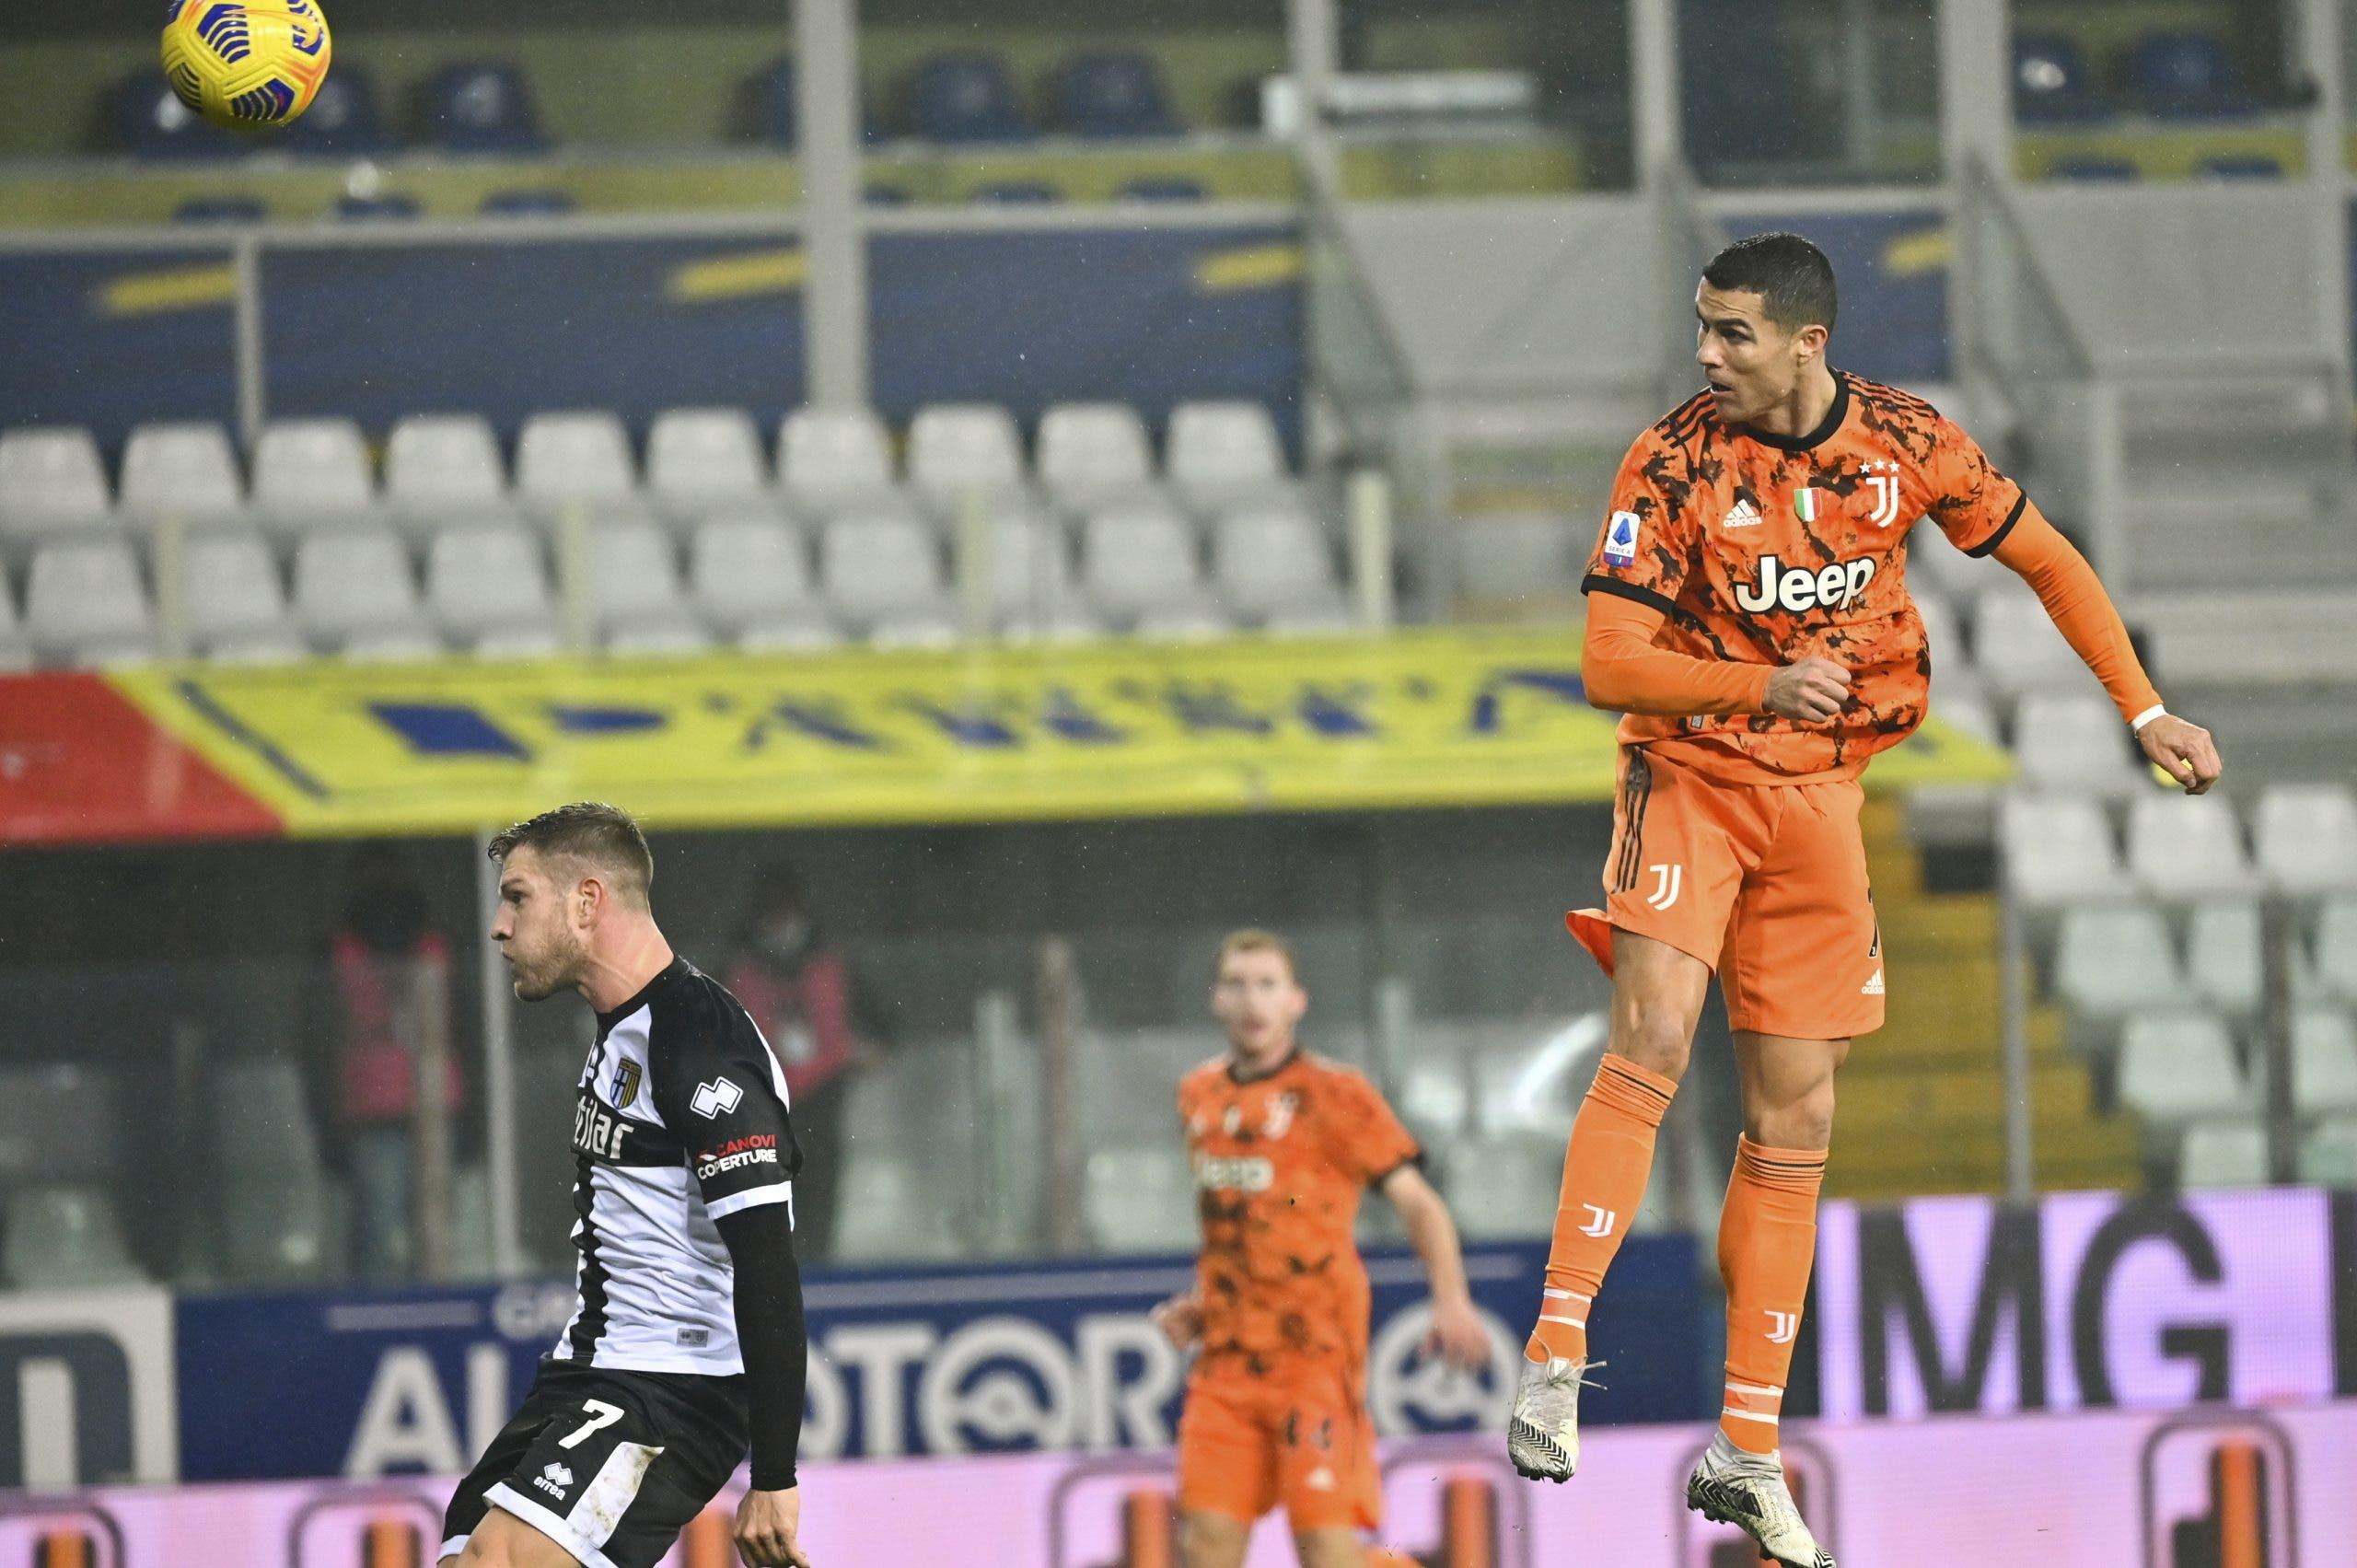 Cristiano aporta 2 goles al 4-0 de Juve sobre Parma